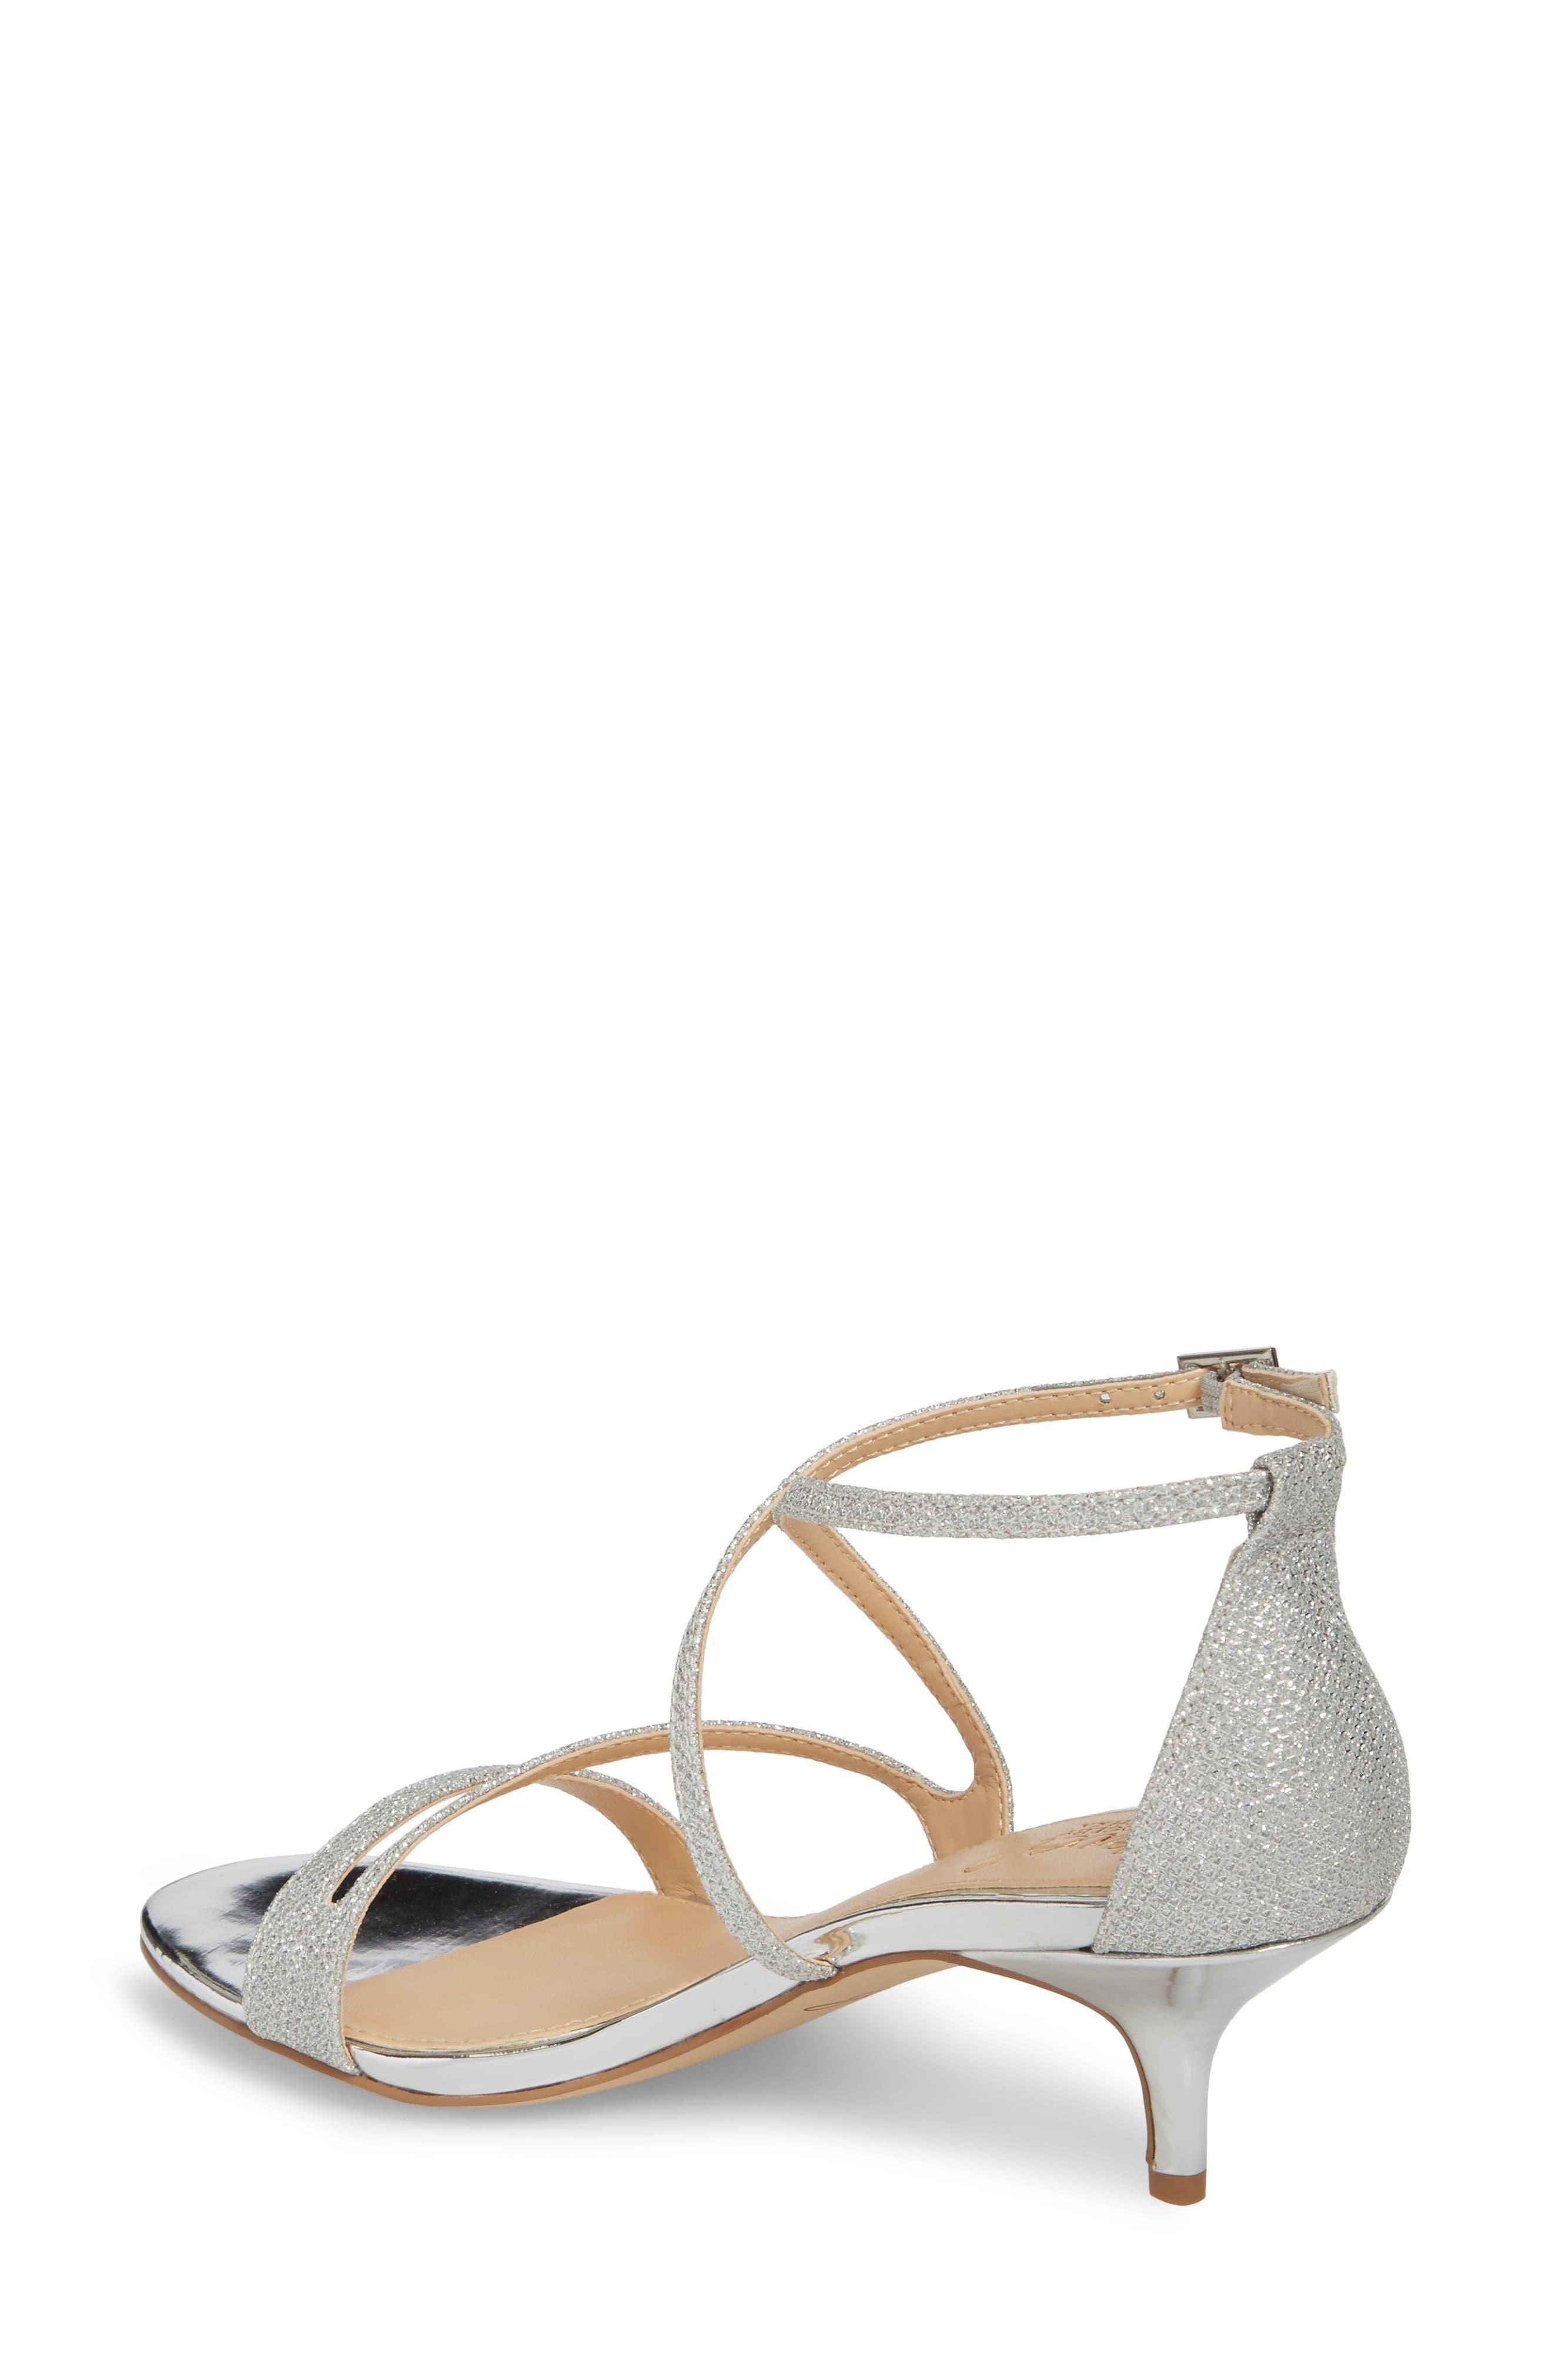 Gail Crystal Embellished Sandal,                             Alternate thumbnail 5, color,